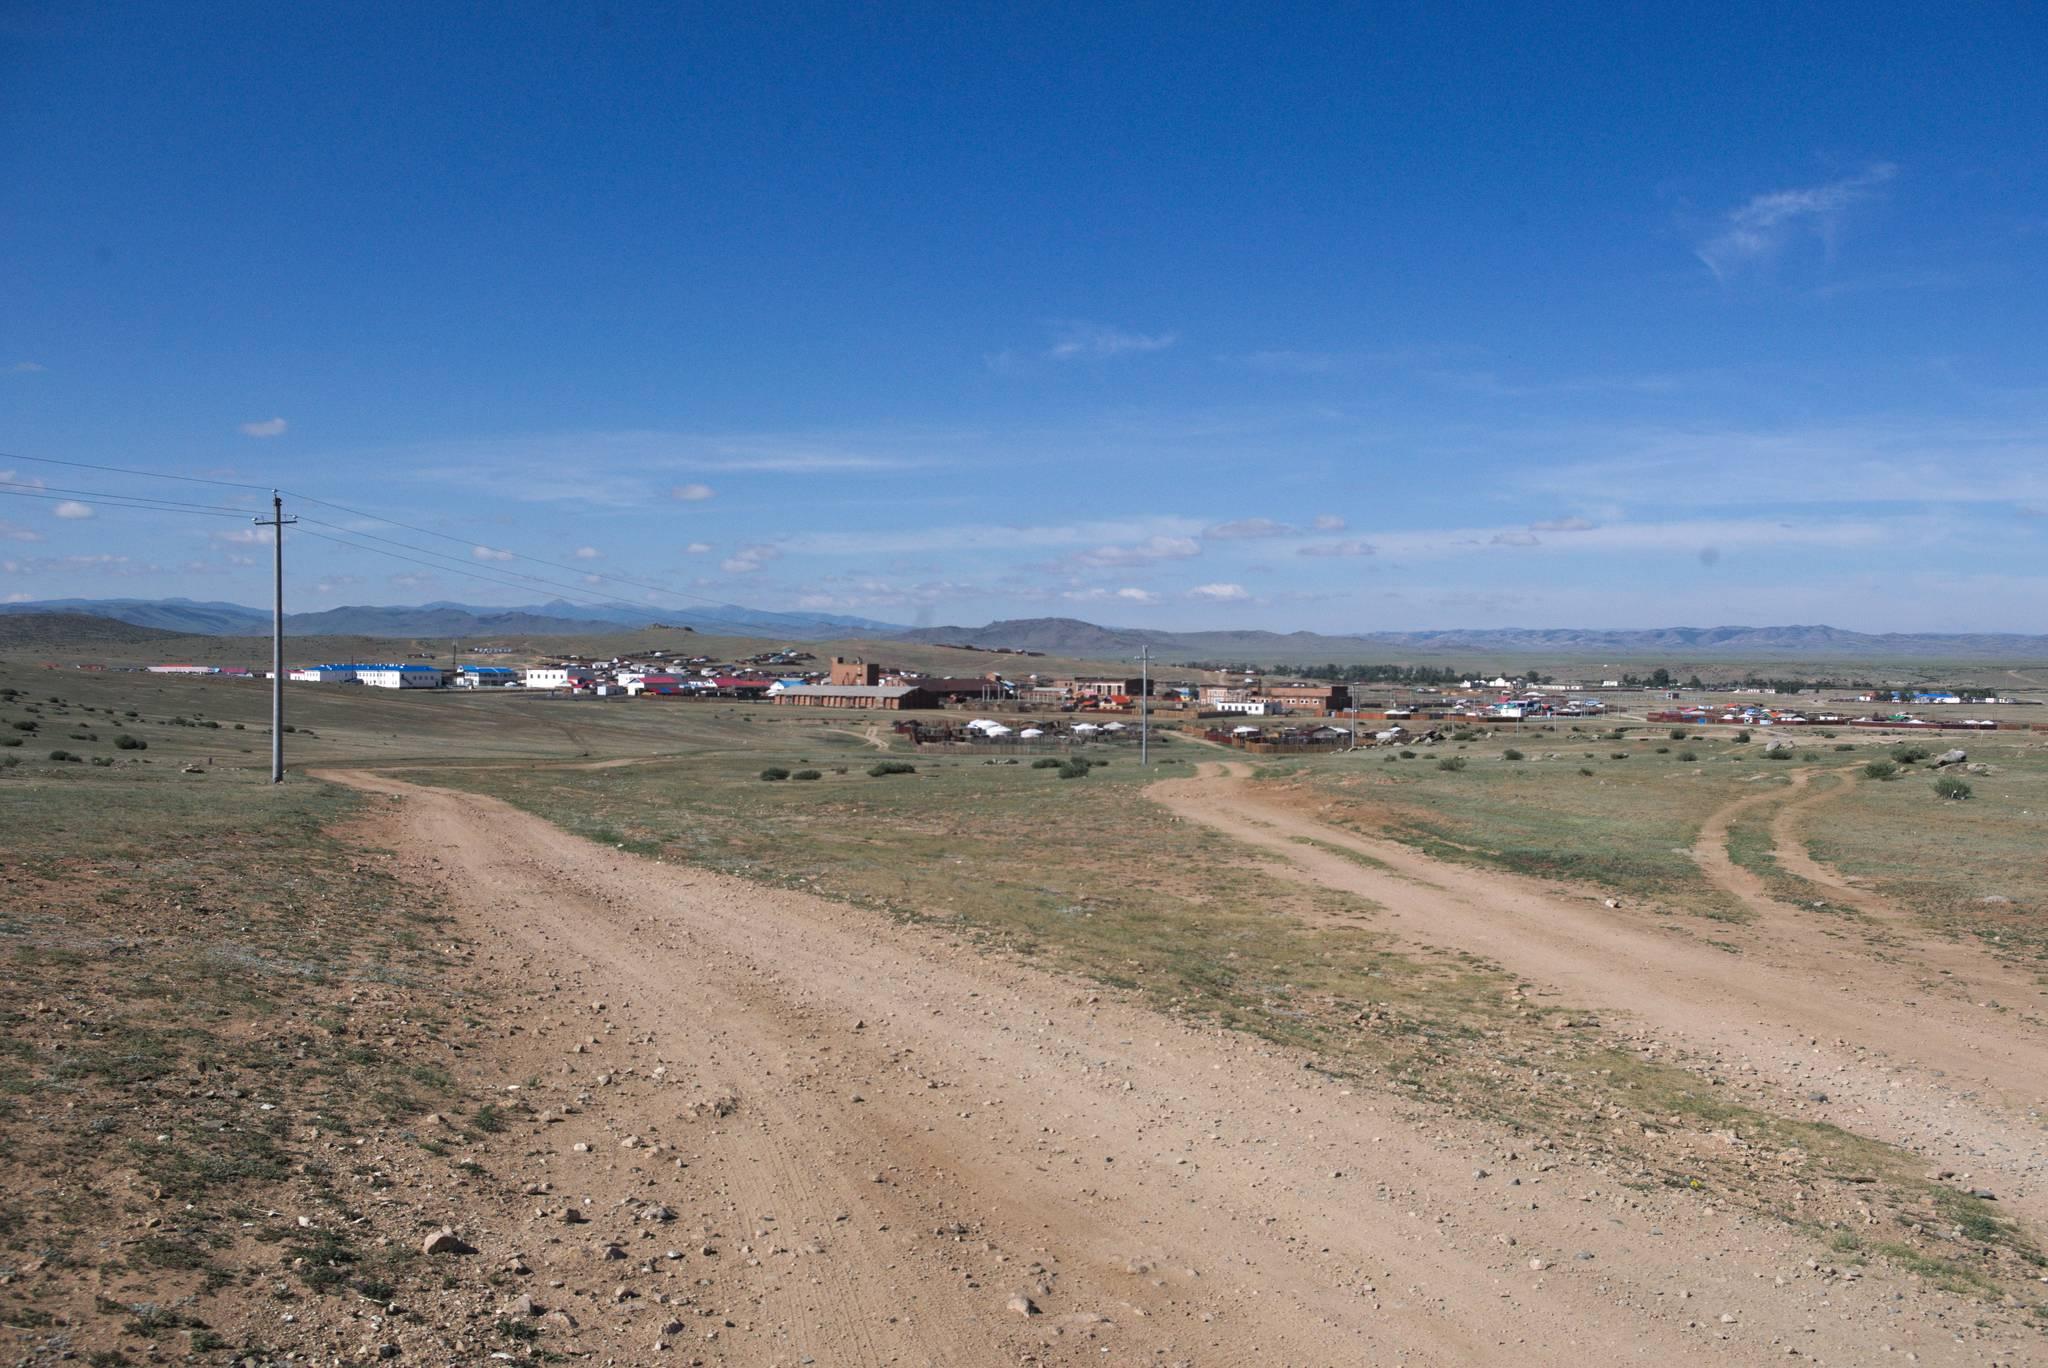 Baruun Turuun, ostatnia wieś przed pustynią.